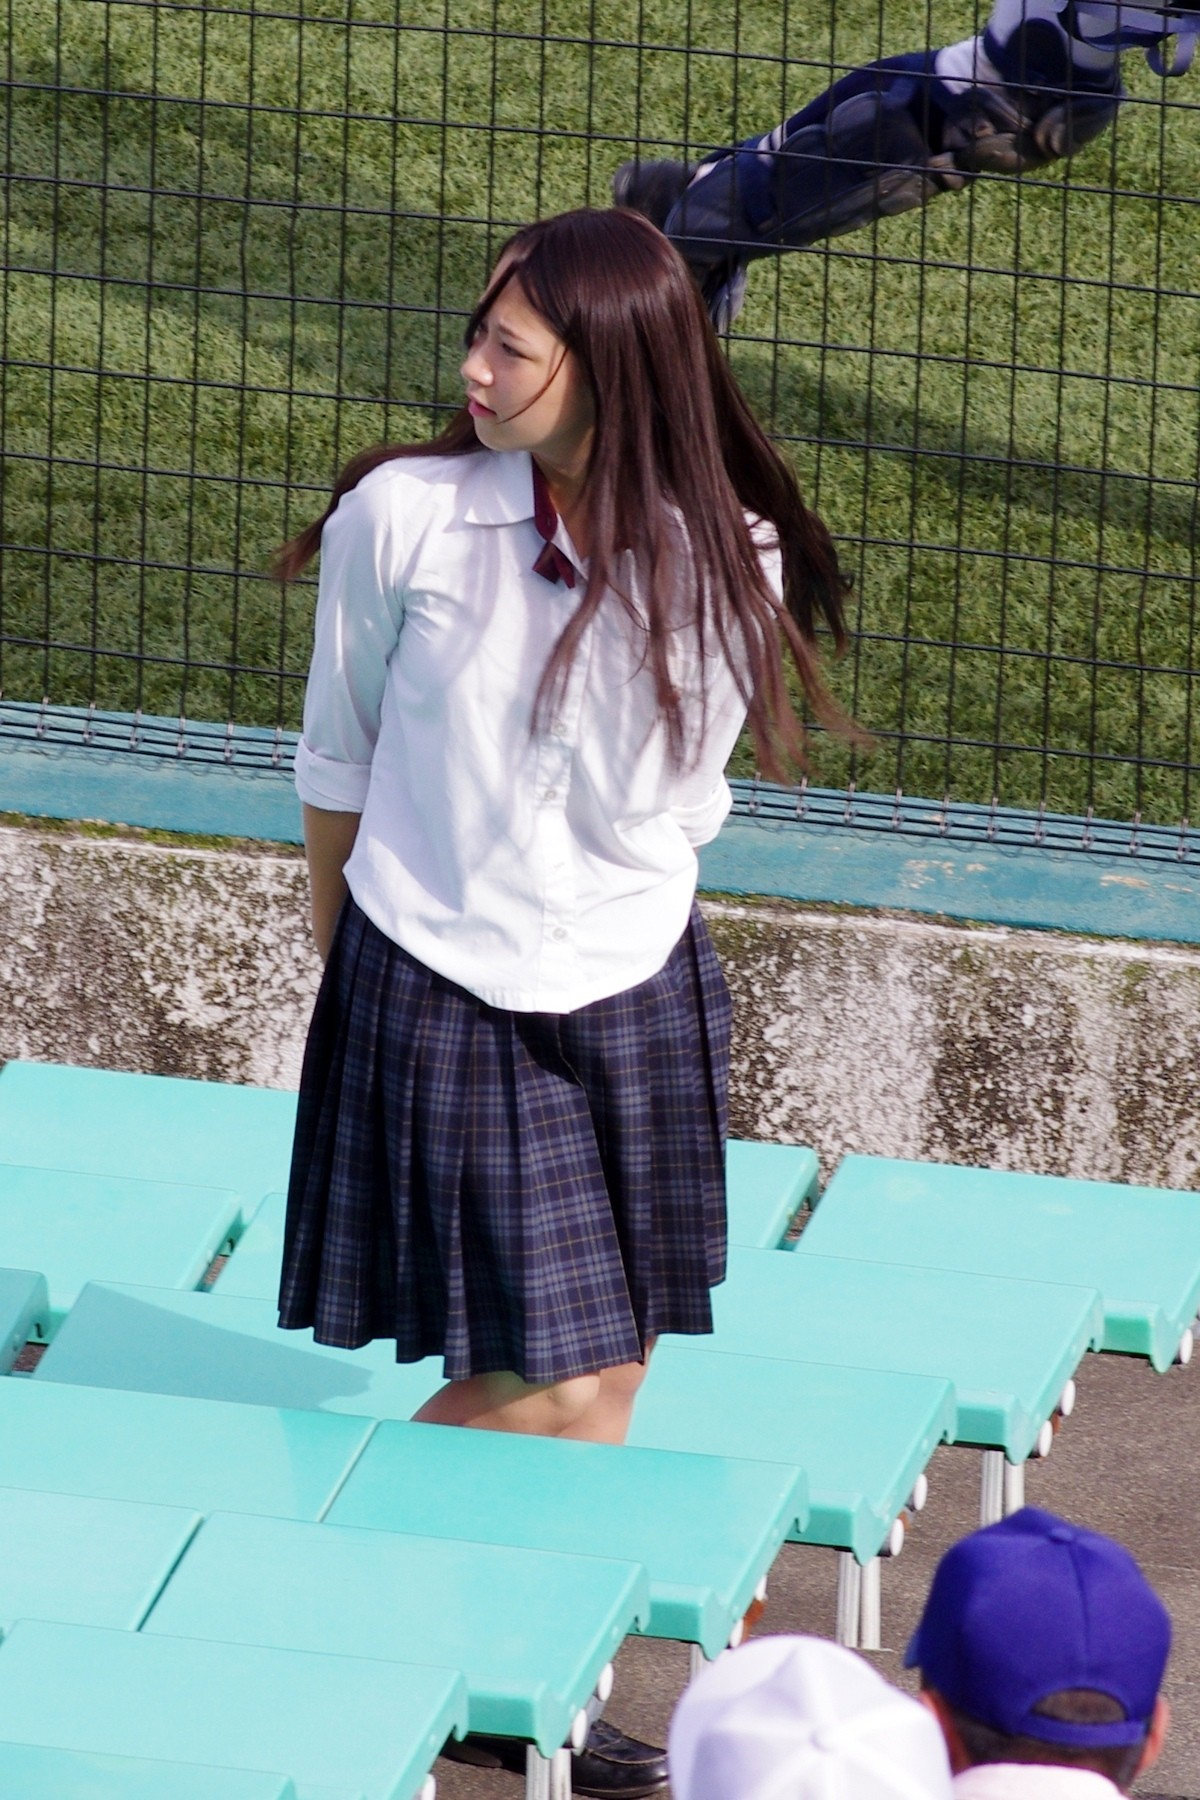 高校野球を応援している制服女子校生の画像